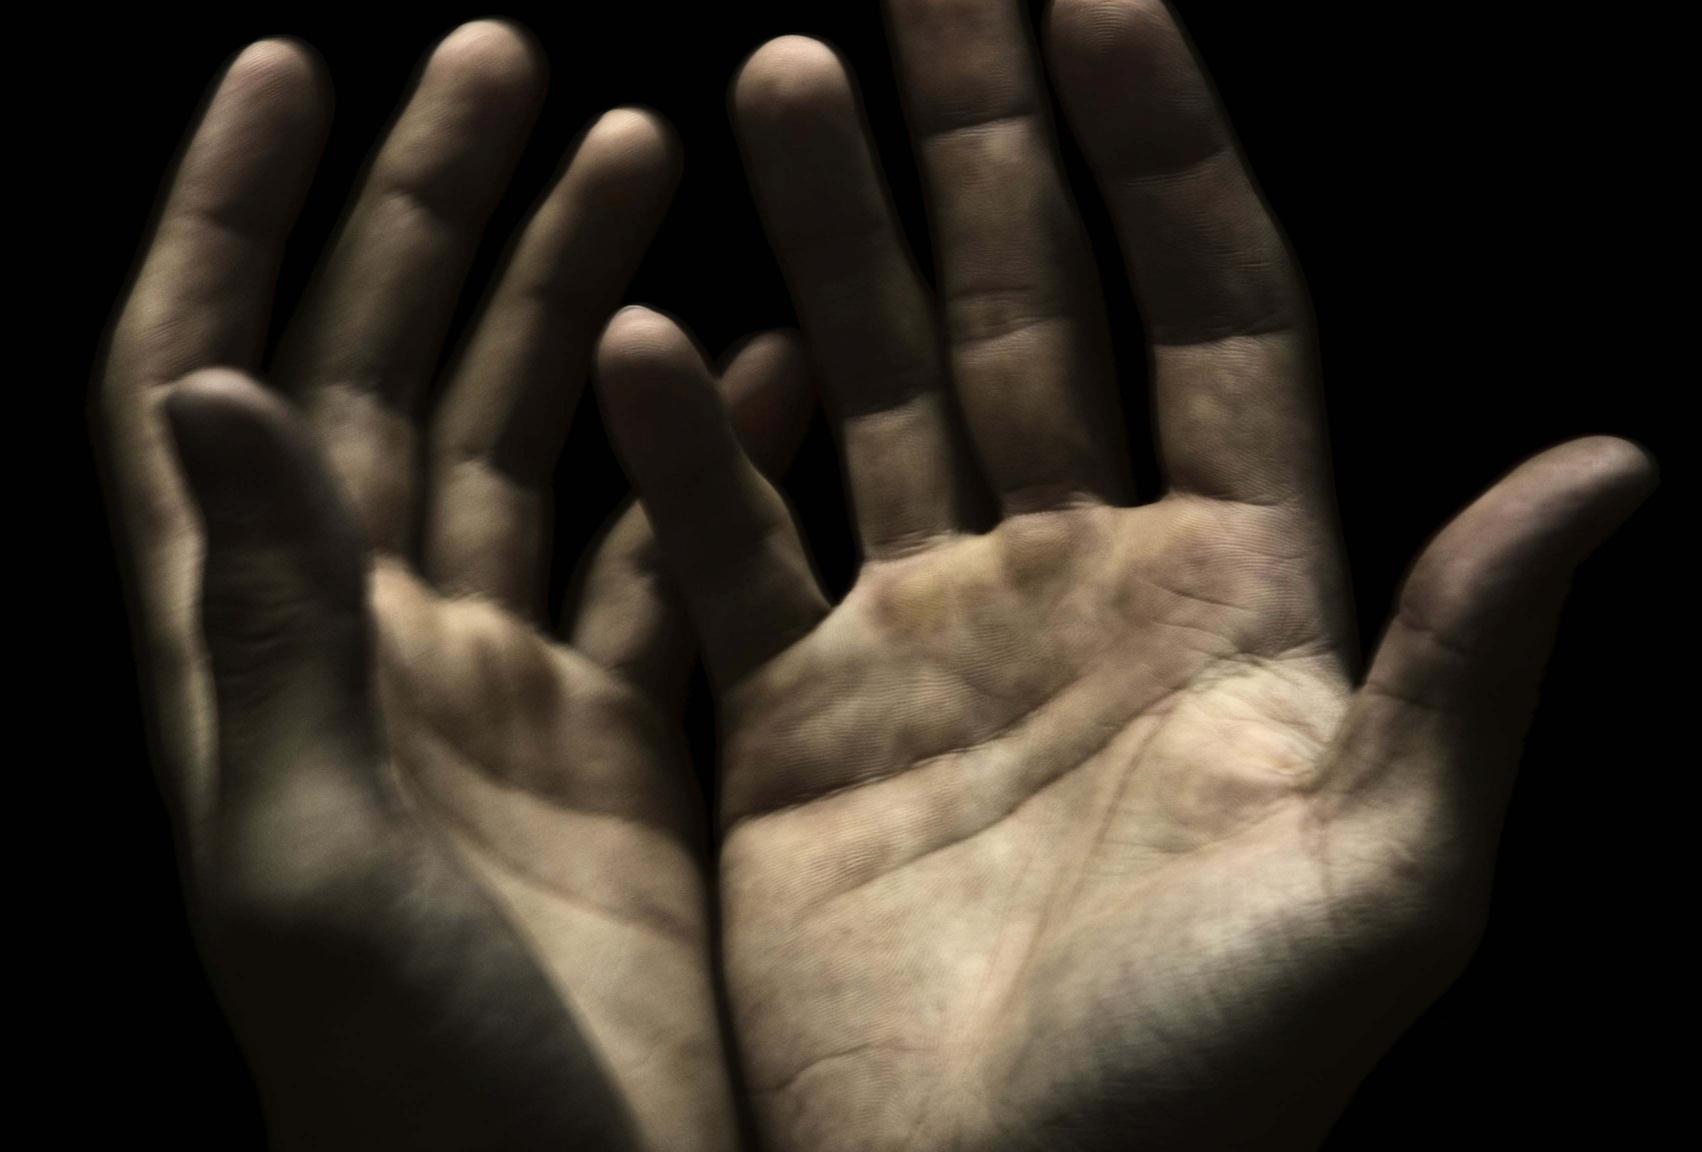 02A11R3T Begging Forgiveness